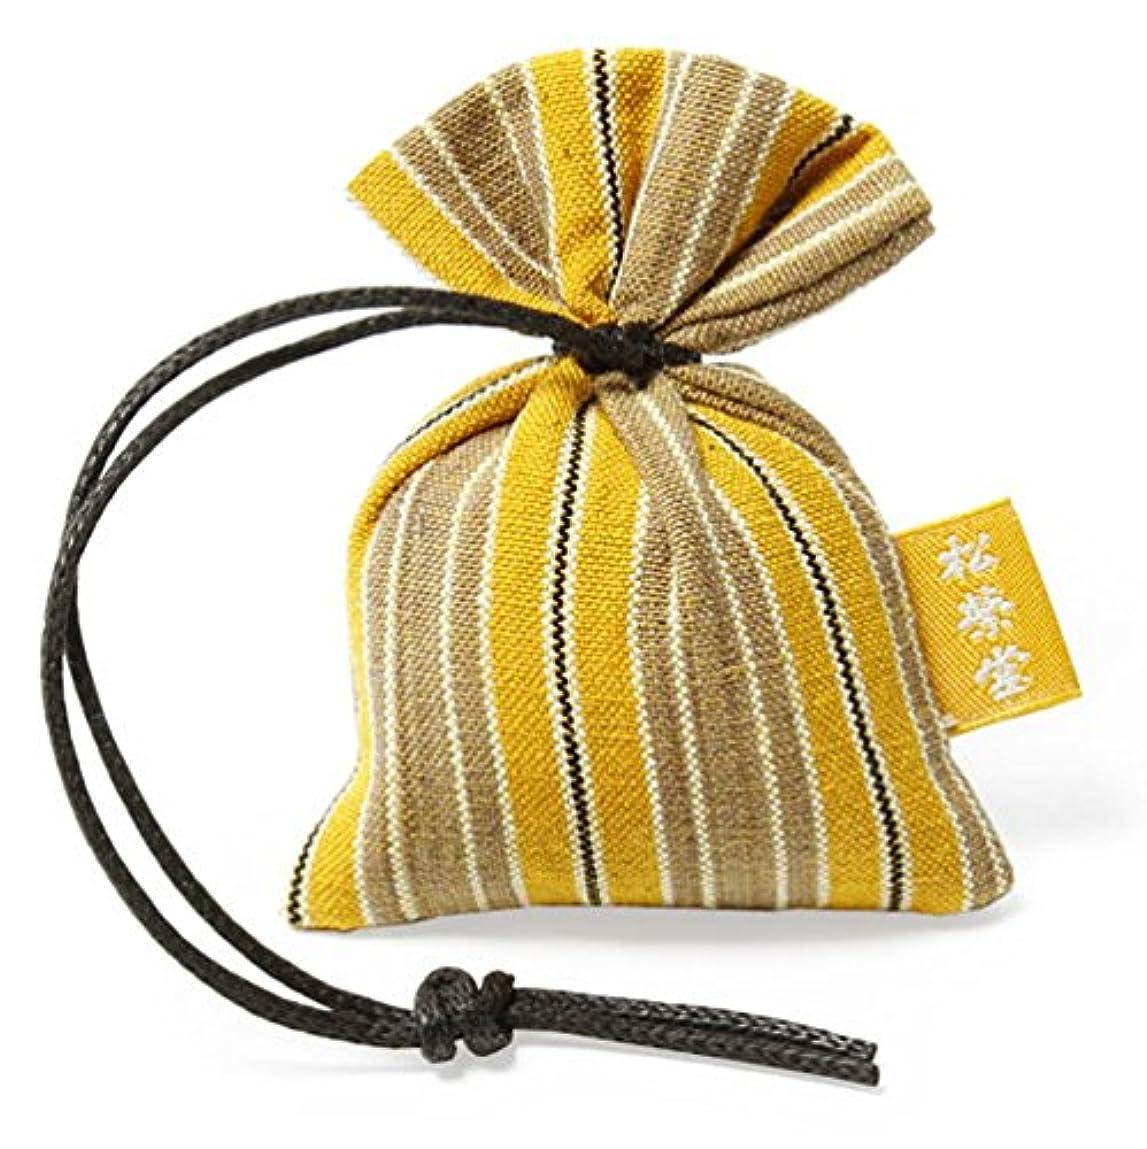 説明より多いパラナ川松栄堂の匂い袋 誰が袖 渡 【匂い袋】 ルリック